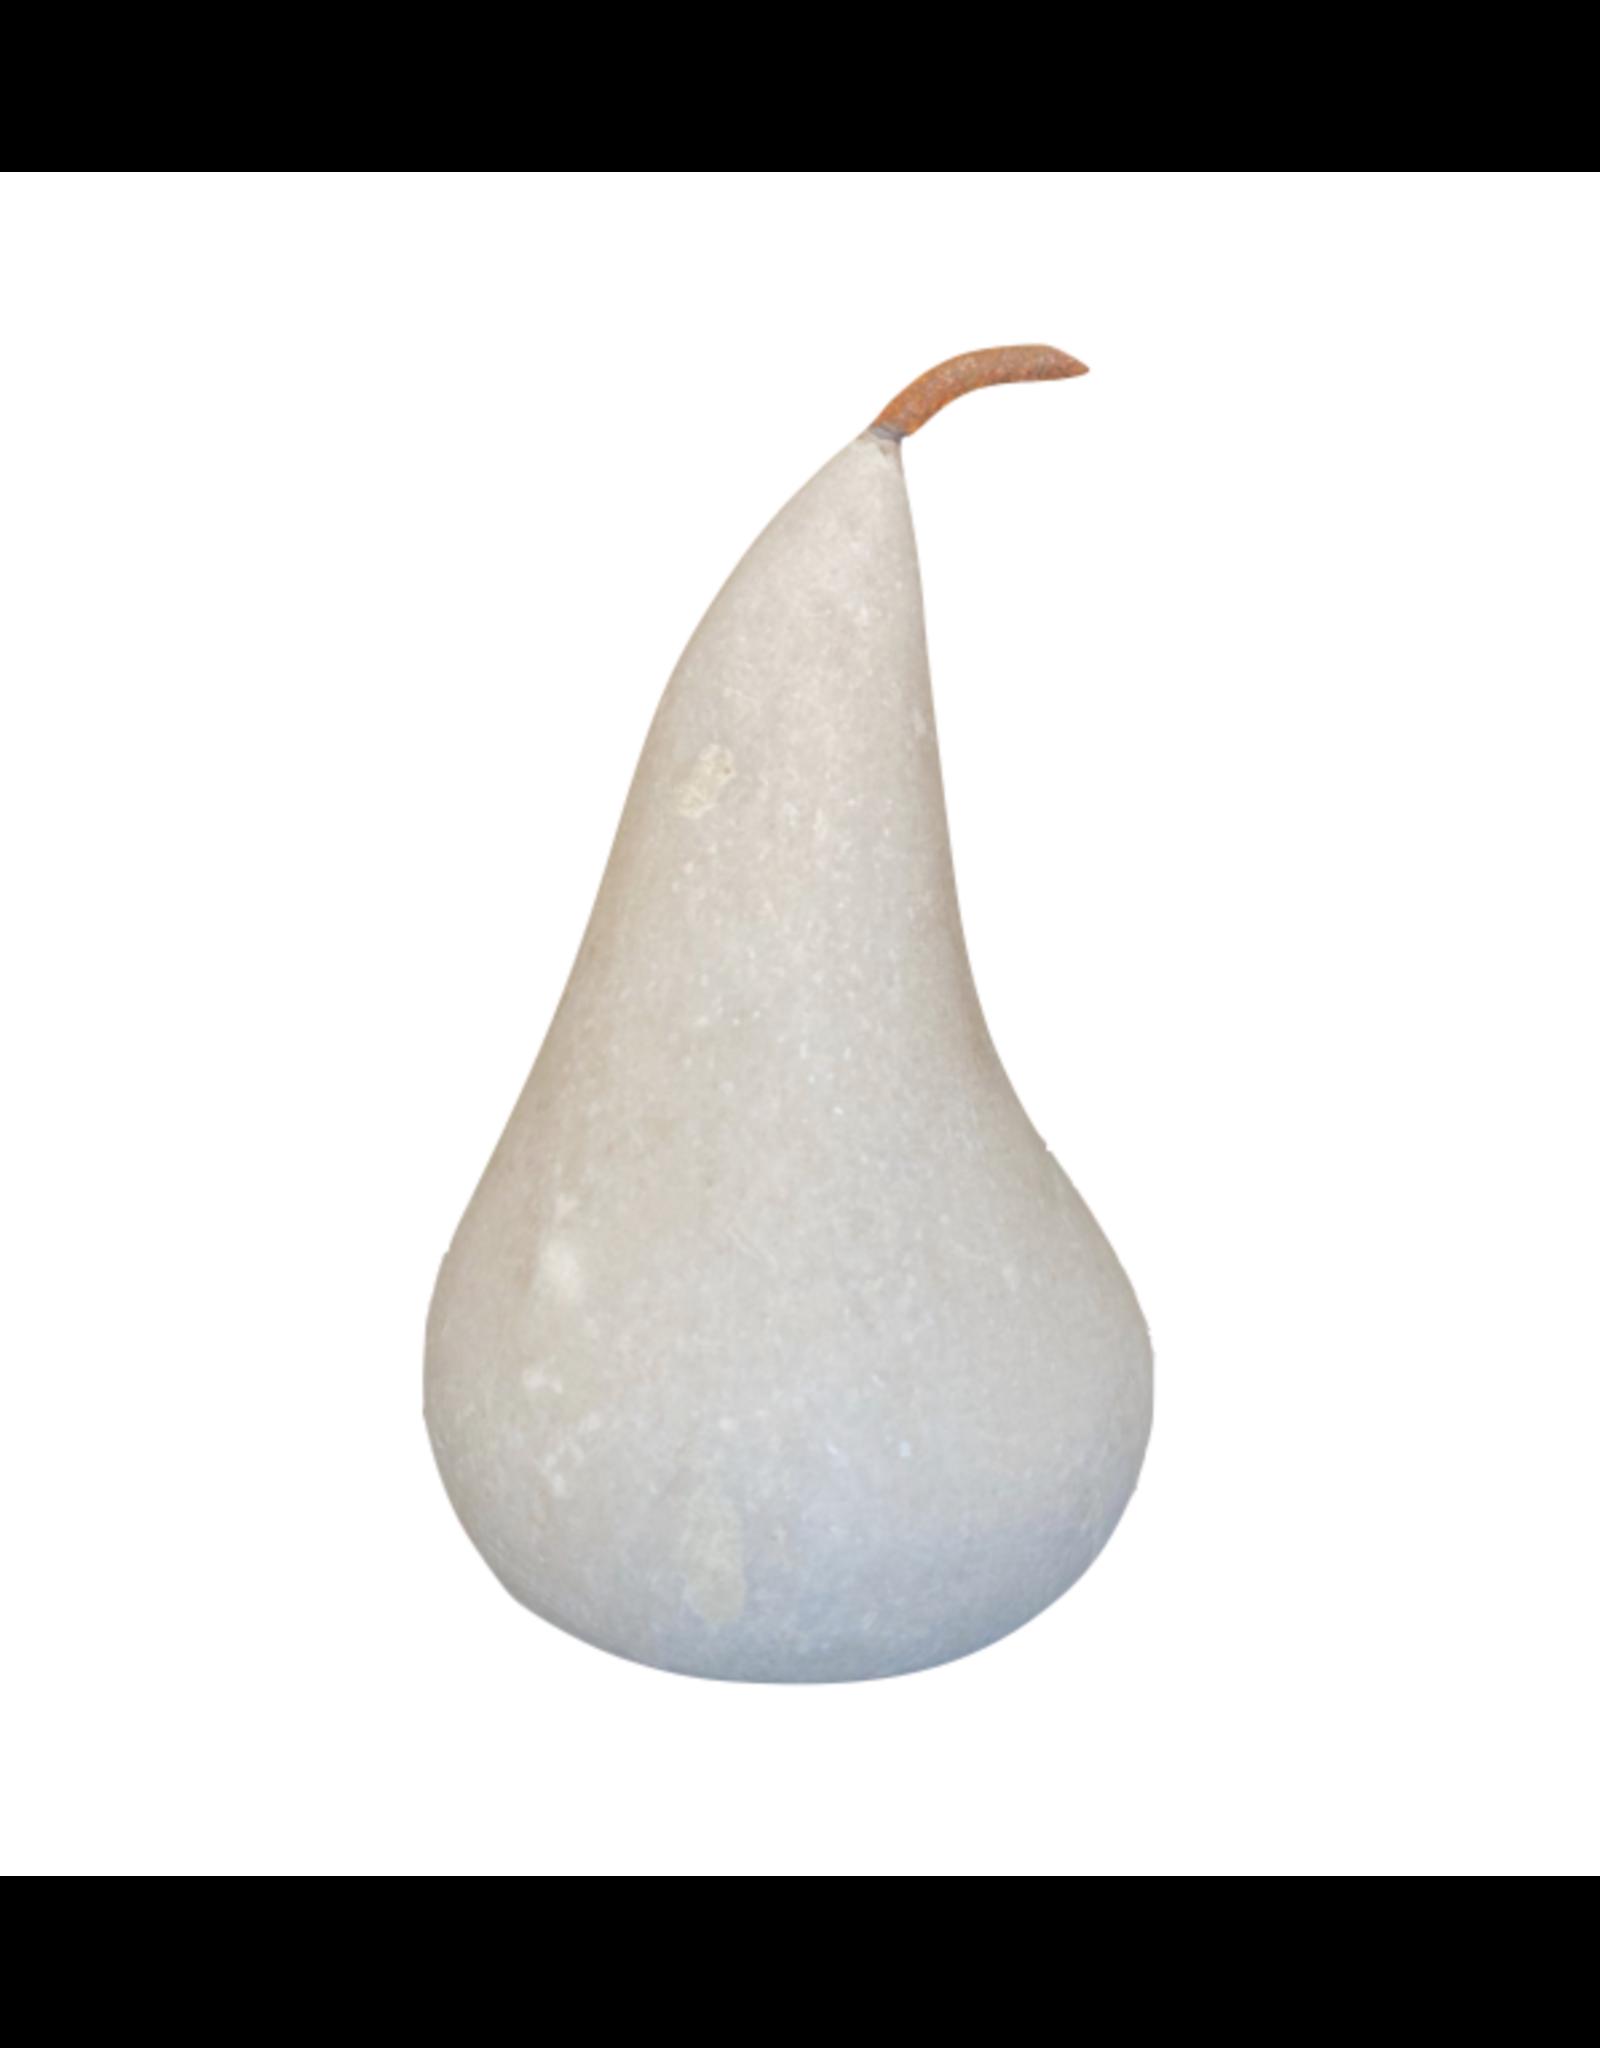 Small Concrete Pear